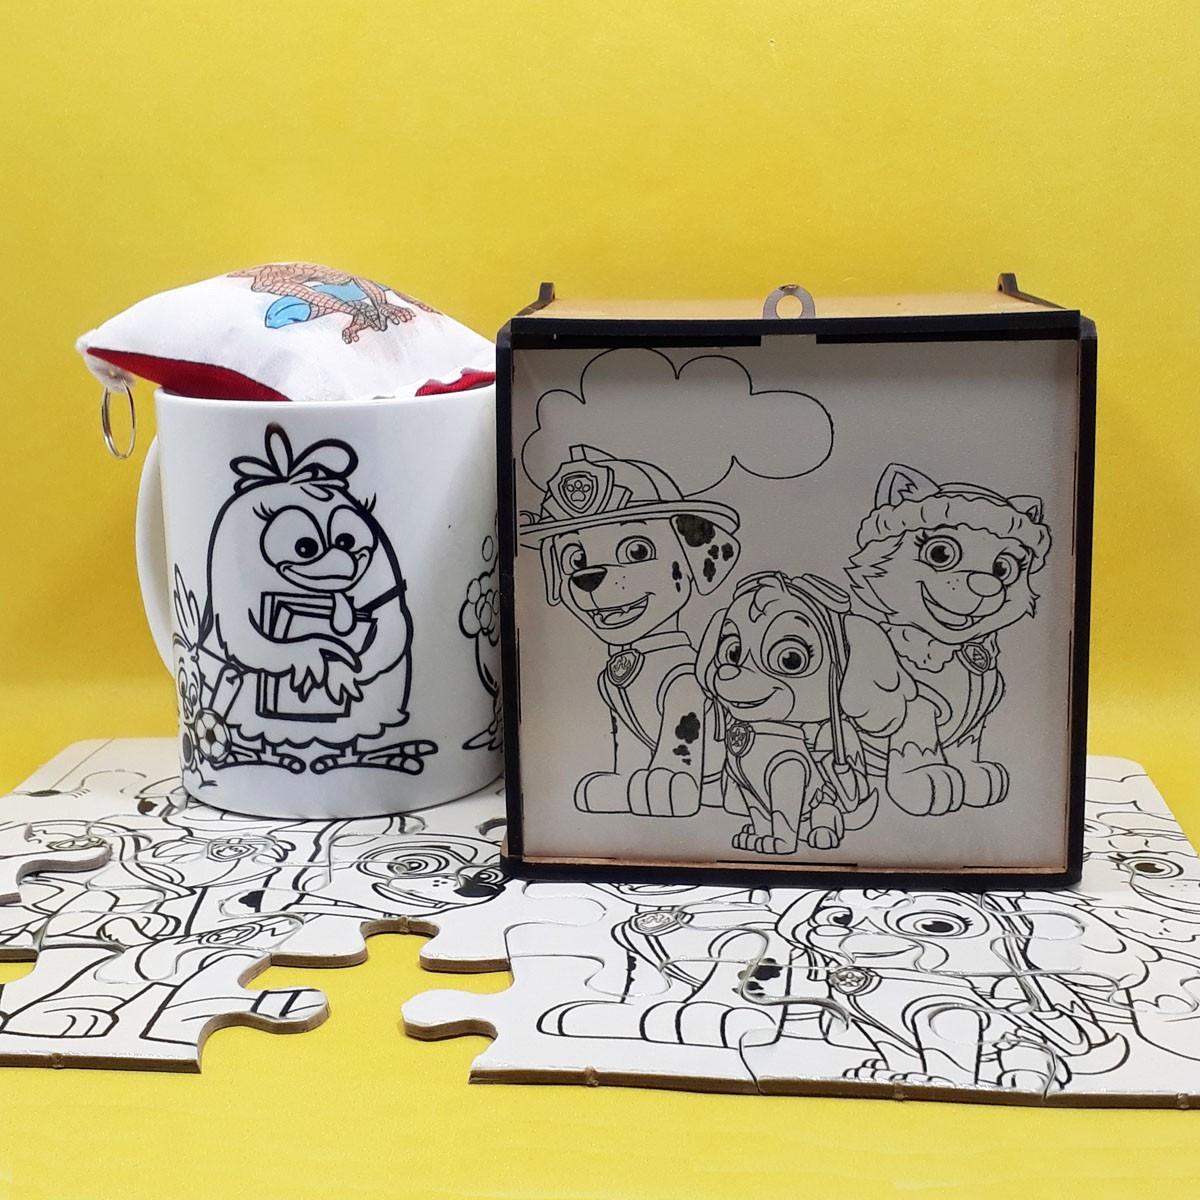 Pintar Criativo – Super Kit para Colorir com Caneta – KitPC-009